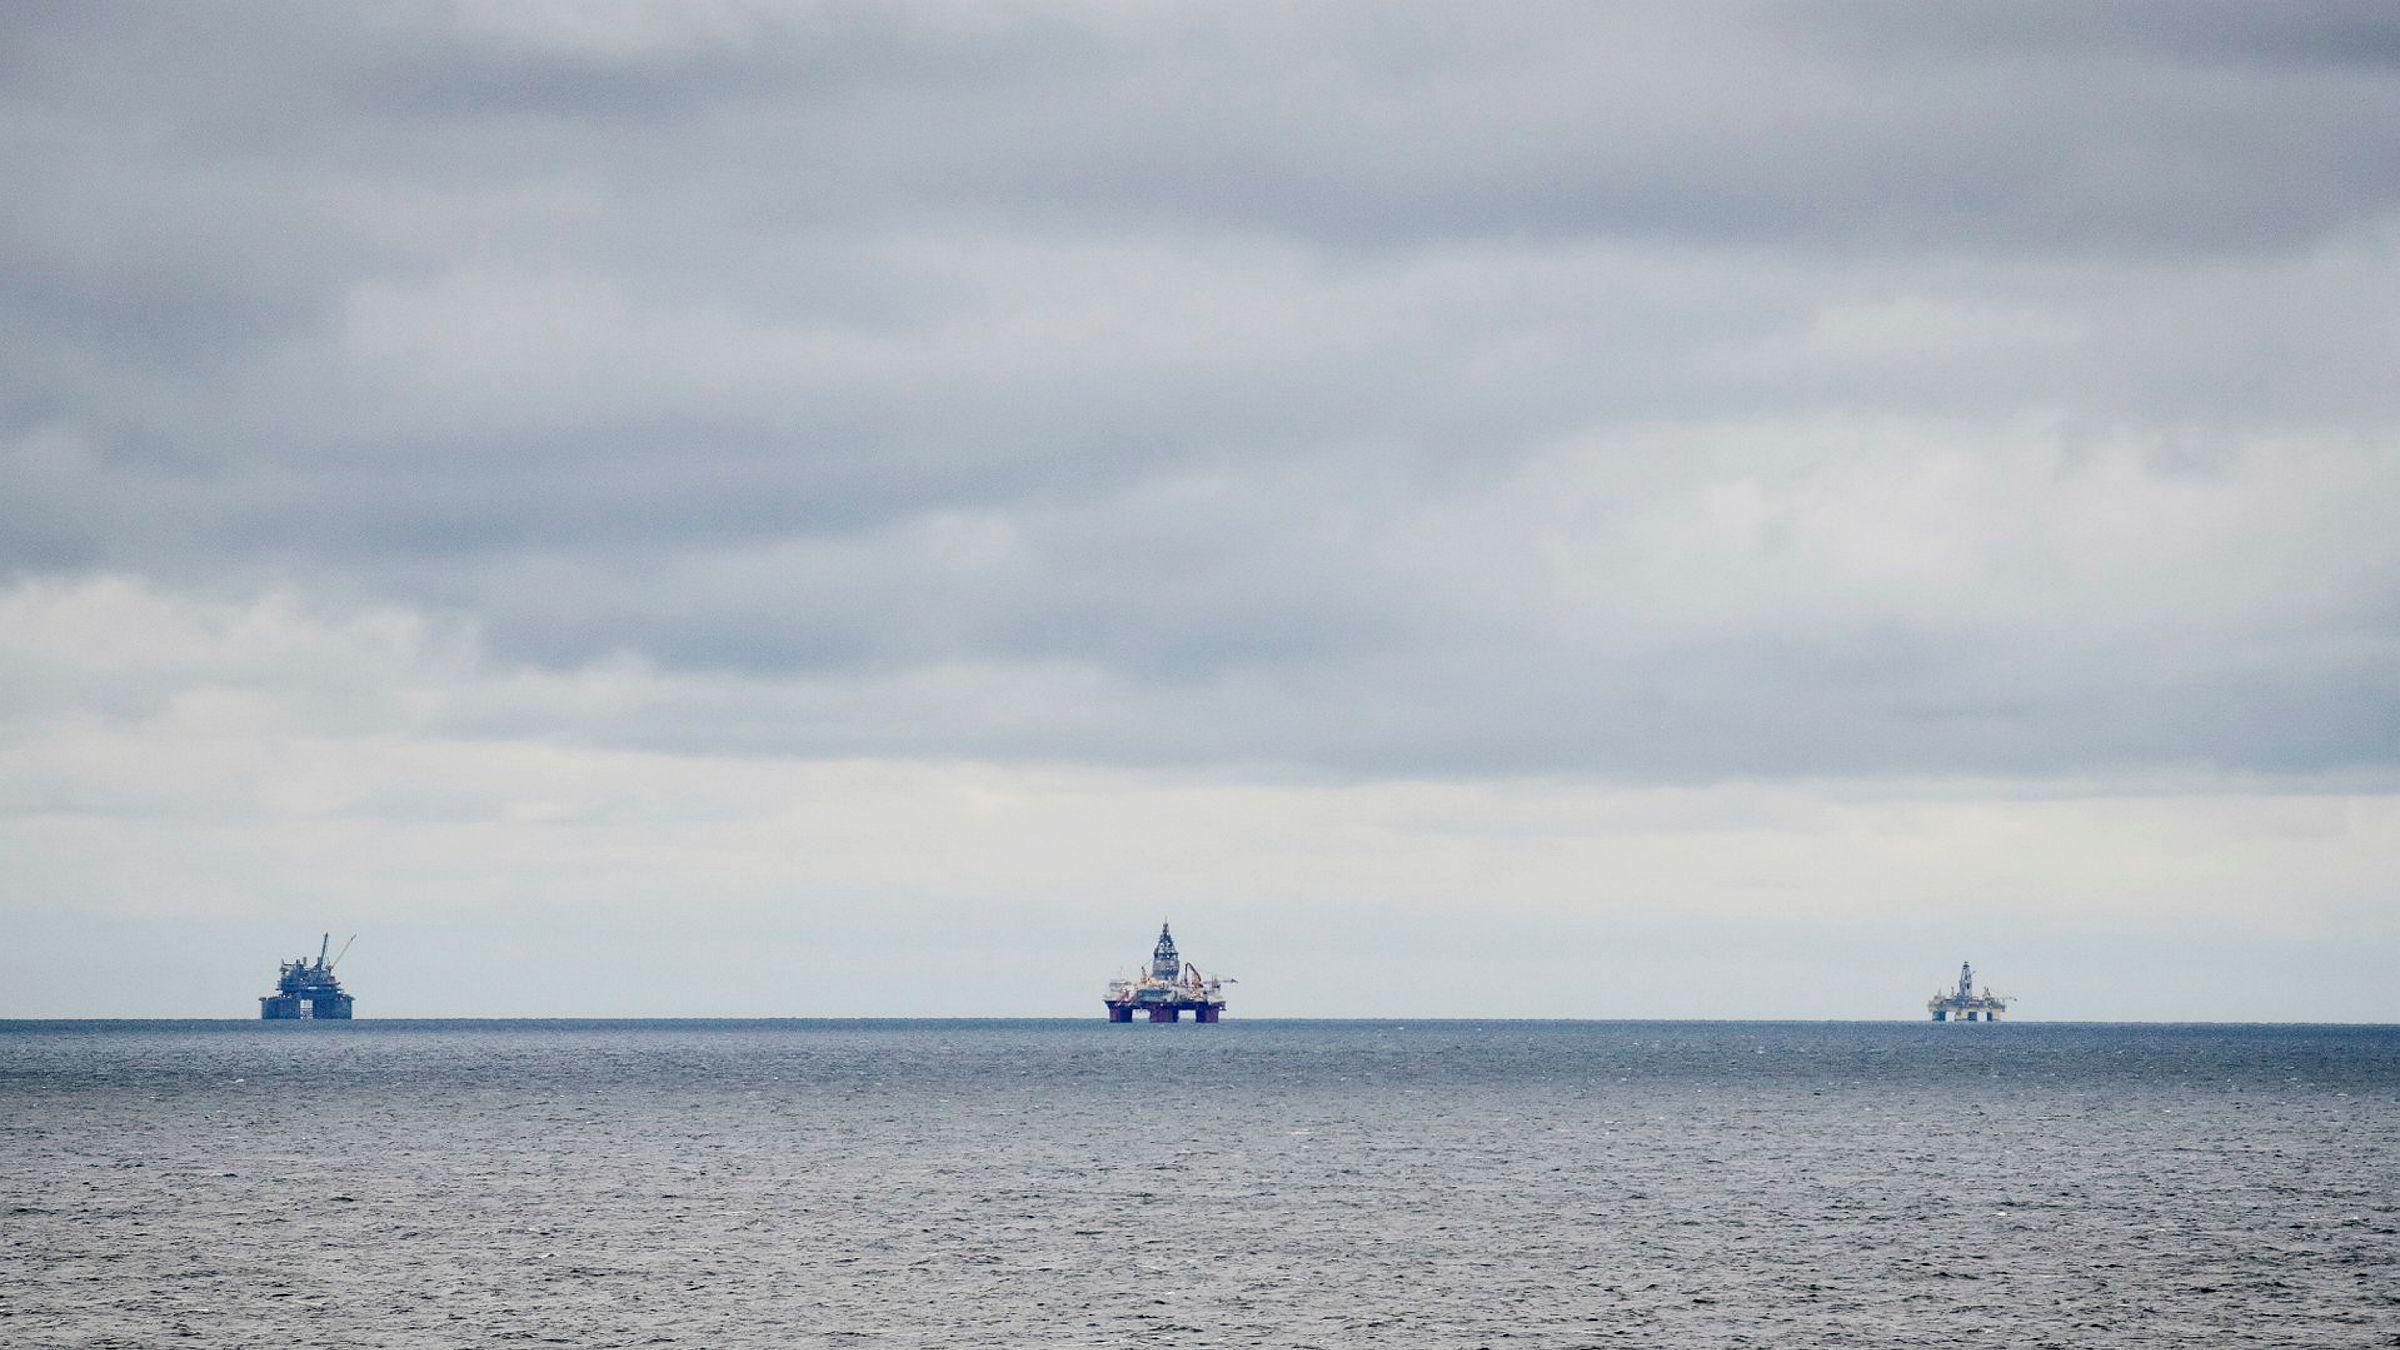 Spesialbehandlingen av oljenæringen viser hvor vanskelig det er å redusere omfanget av en eksisterende næring, selv når lønnsomheten endrer seg. I forskningen snakker man om «innlåsing», skriver Bård Lahn og Håkon Endresen Normann. Her: Troll- feltet, et av verdens største gassfelt.